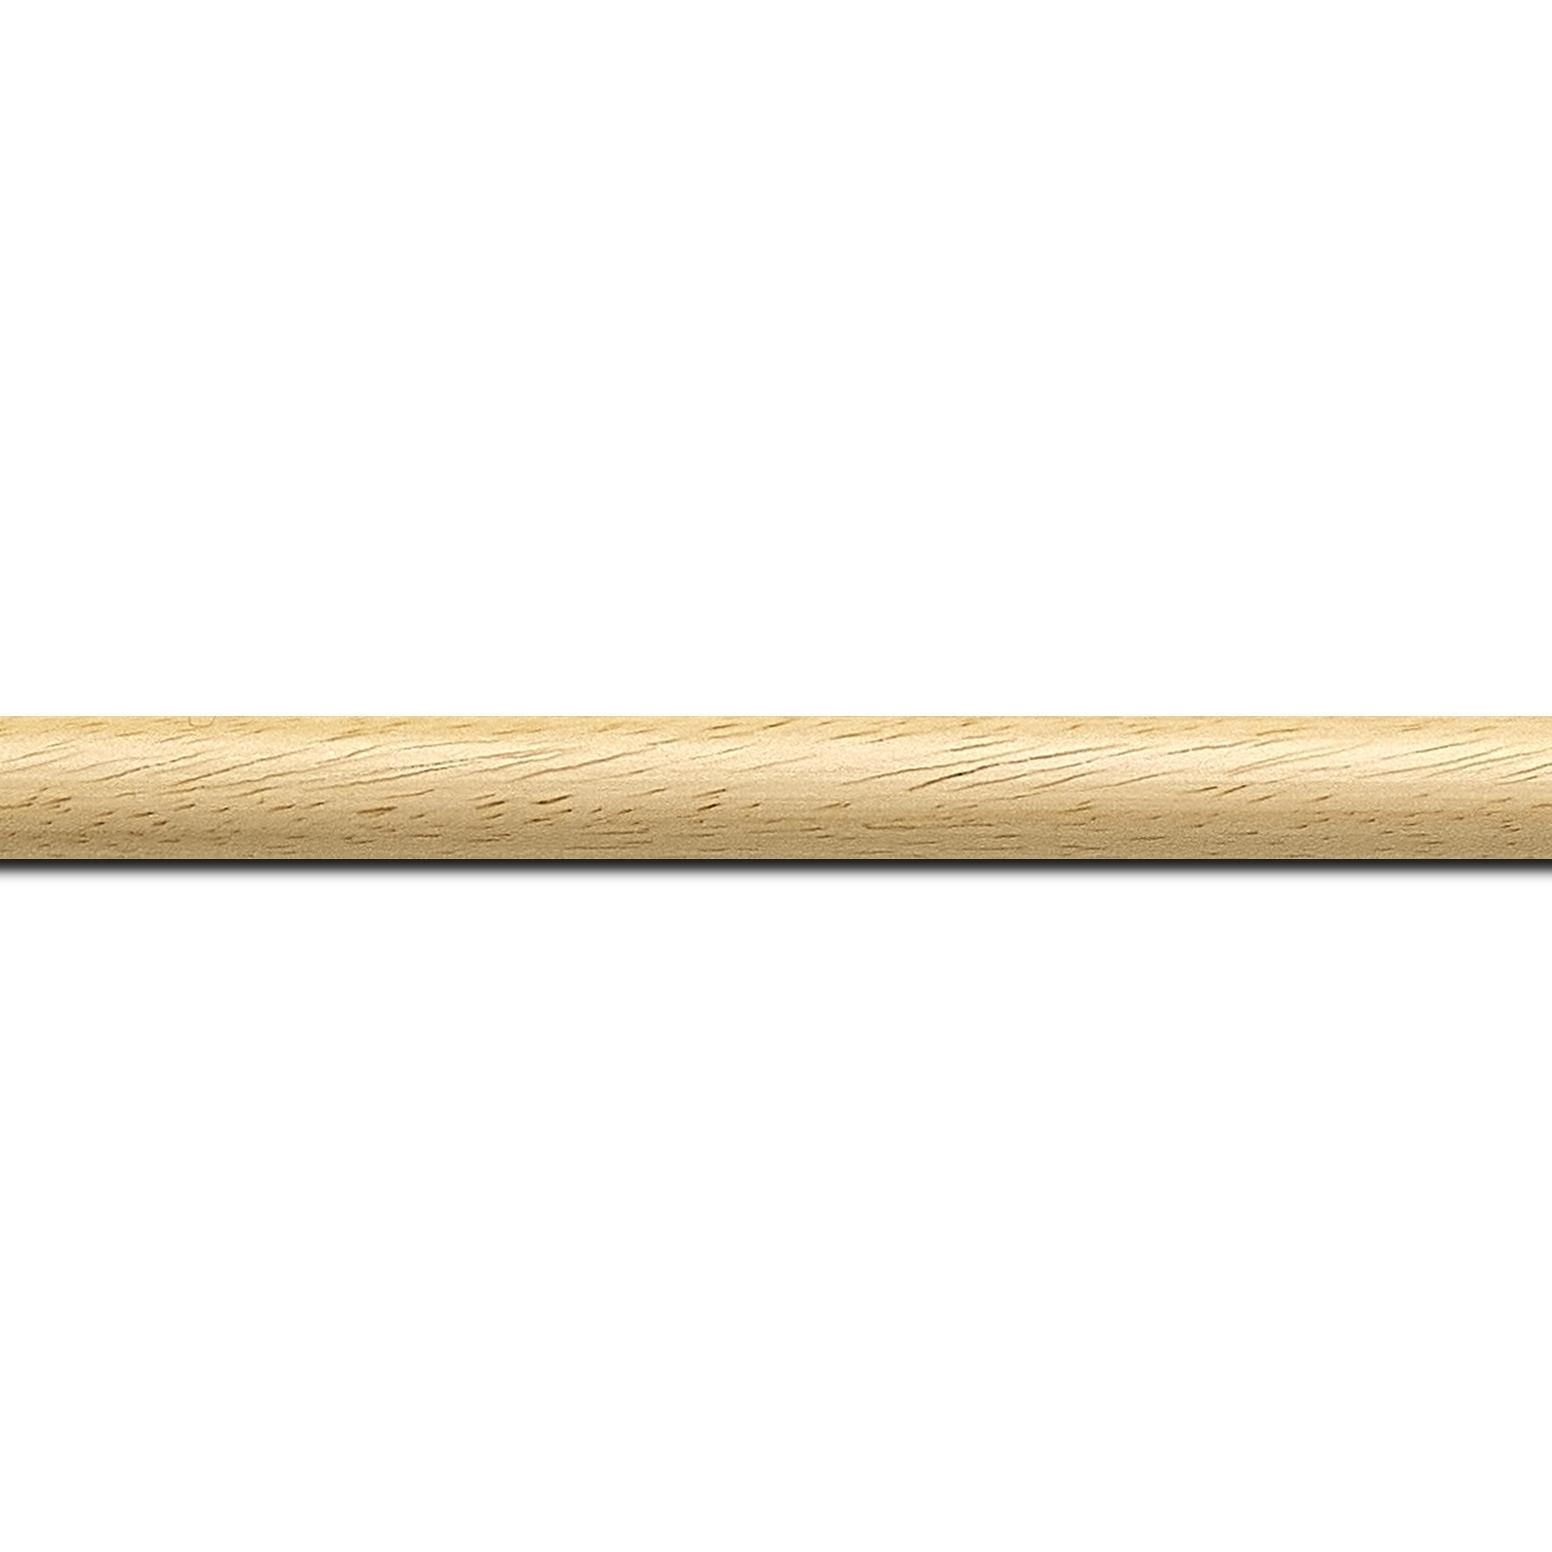 Pack par 12m, bois profil demi rond largeur 1.5cm couleur naturel satiné (longueur baguette pouvant varier entre 2.40m et 3m selon arrivage des bois)